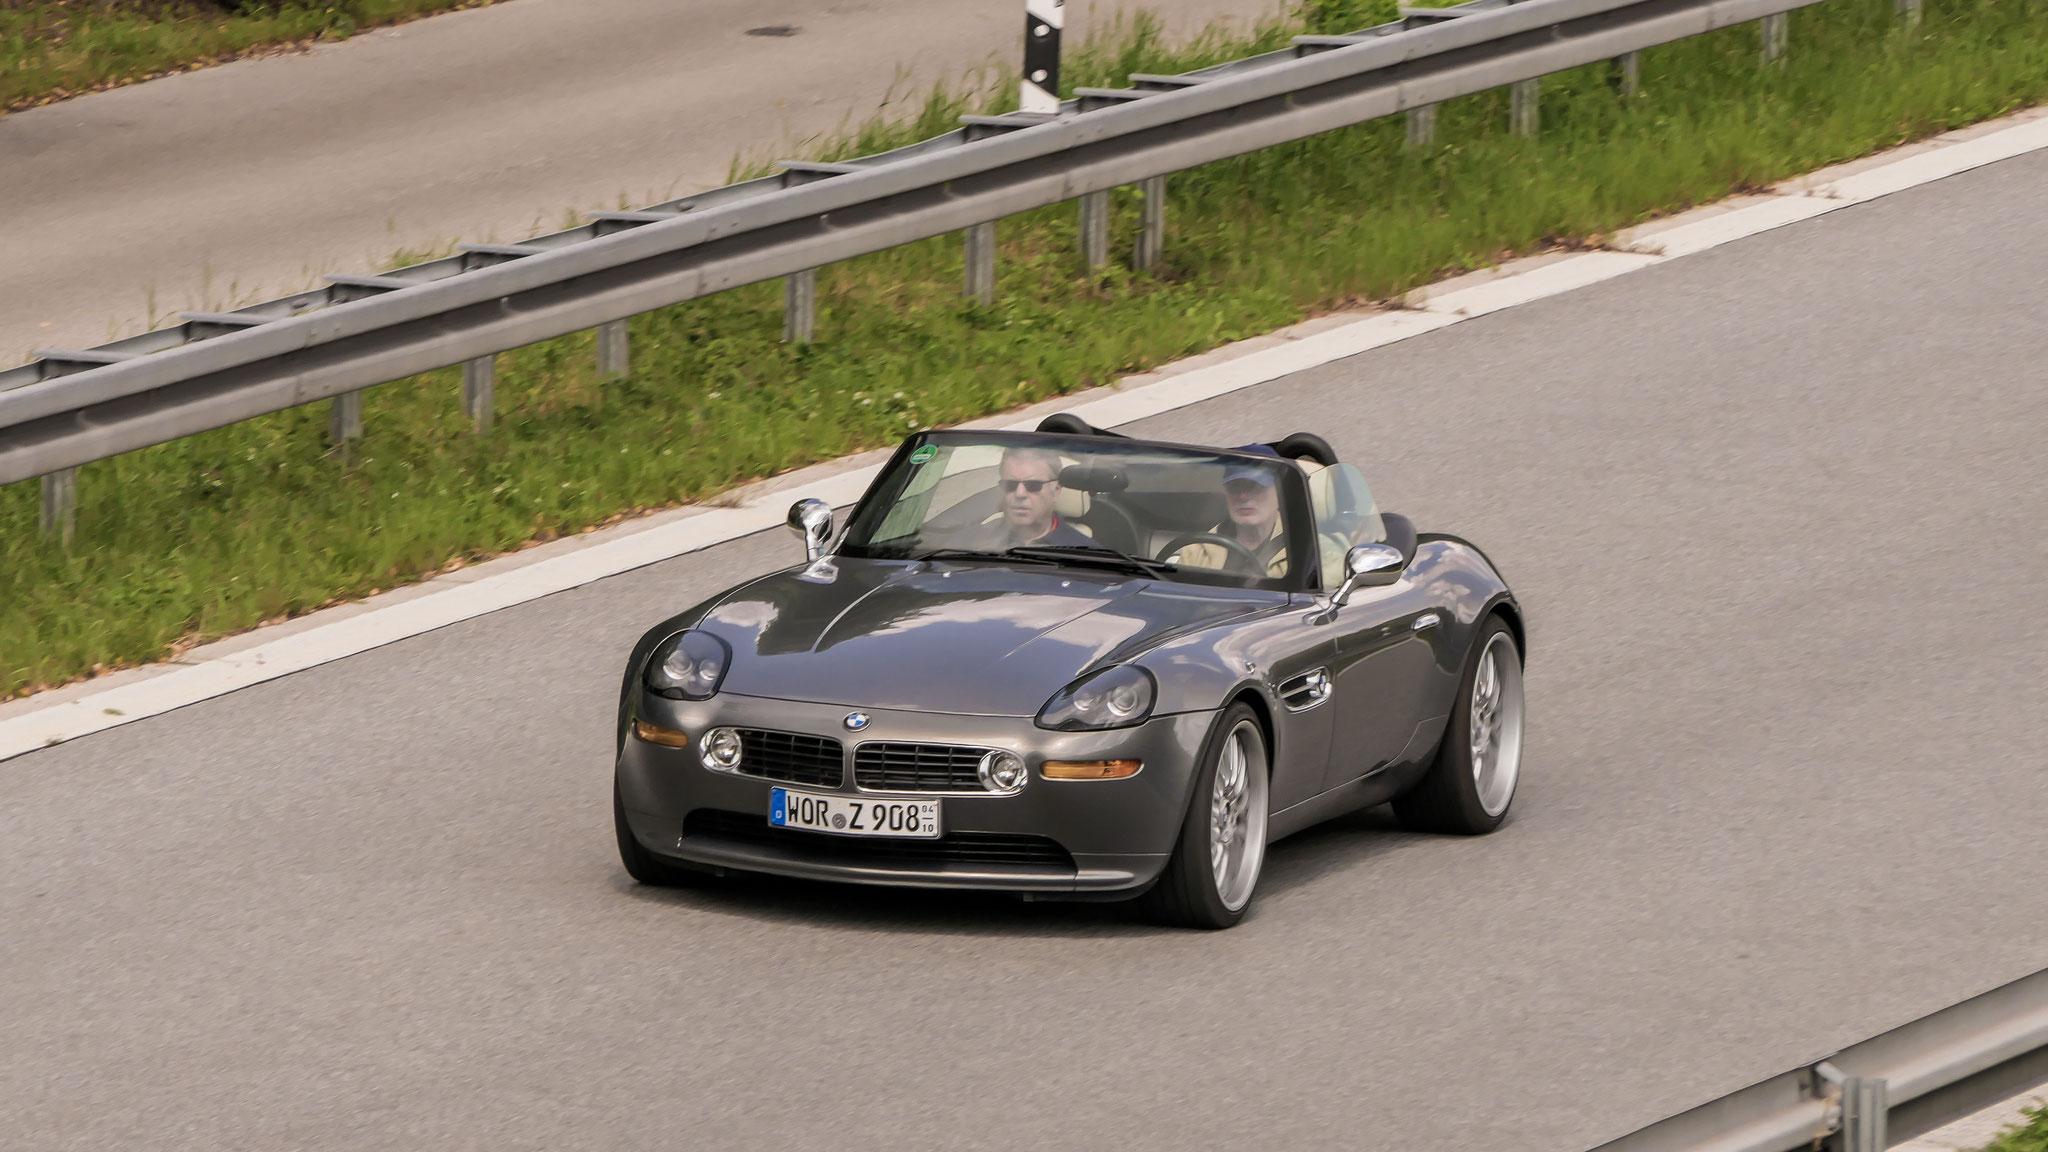 BMW Z8 - WOR-Z-908